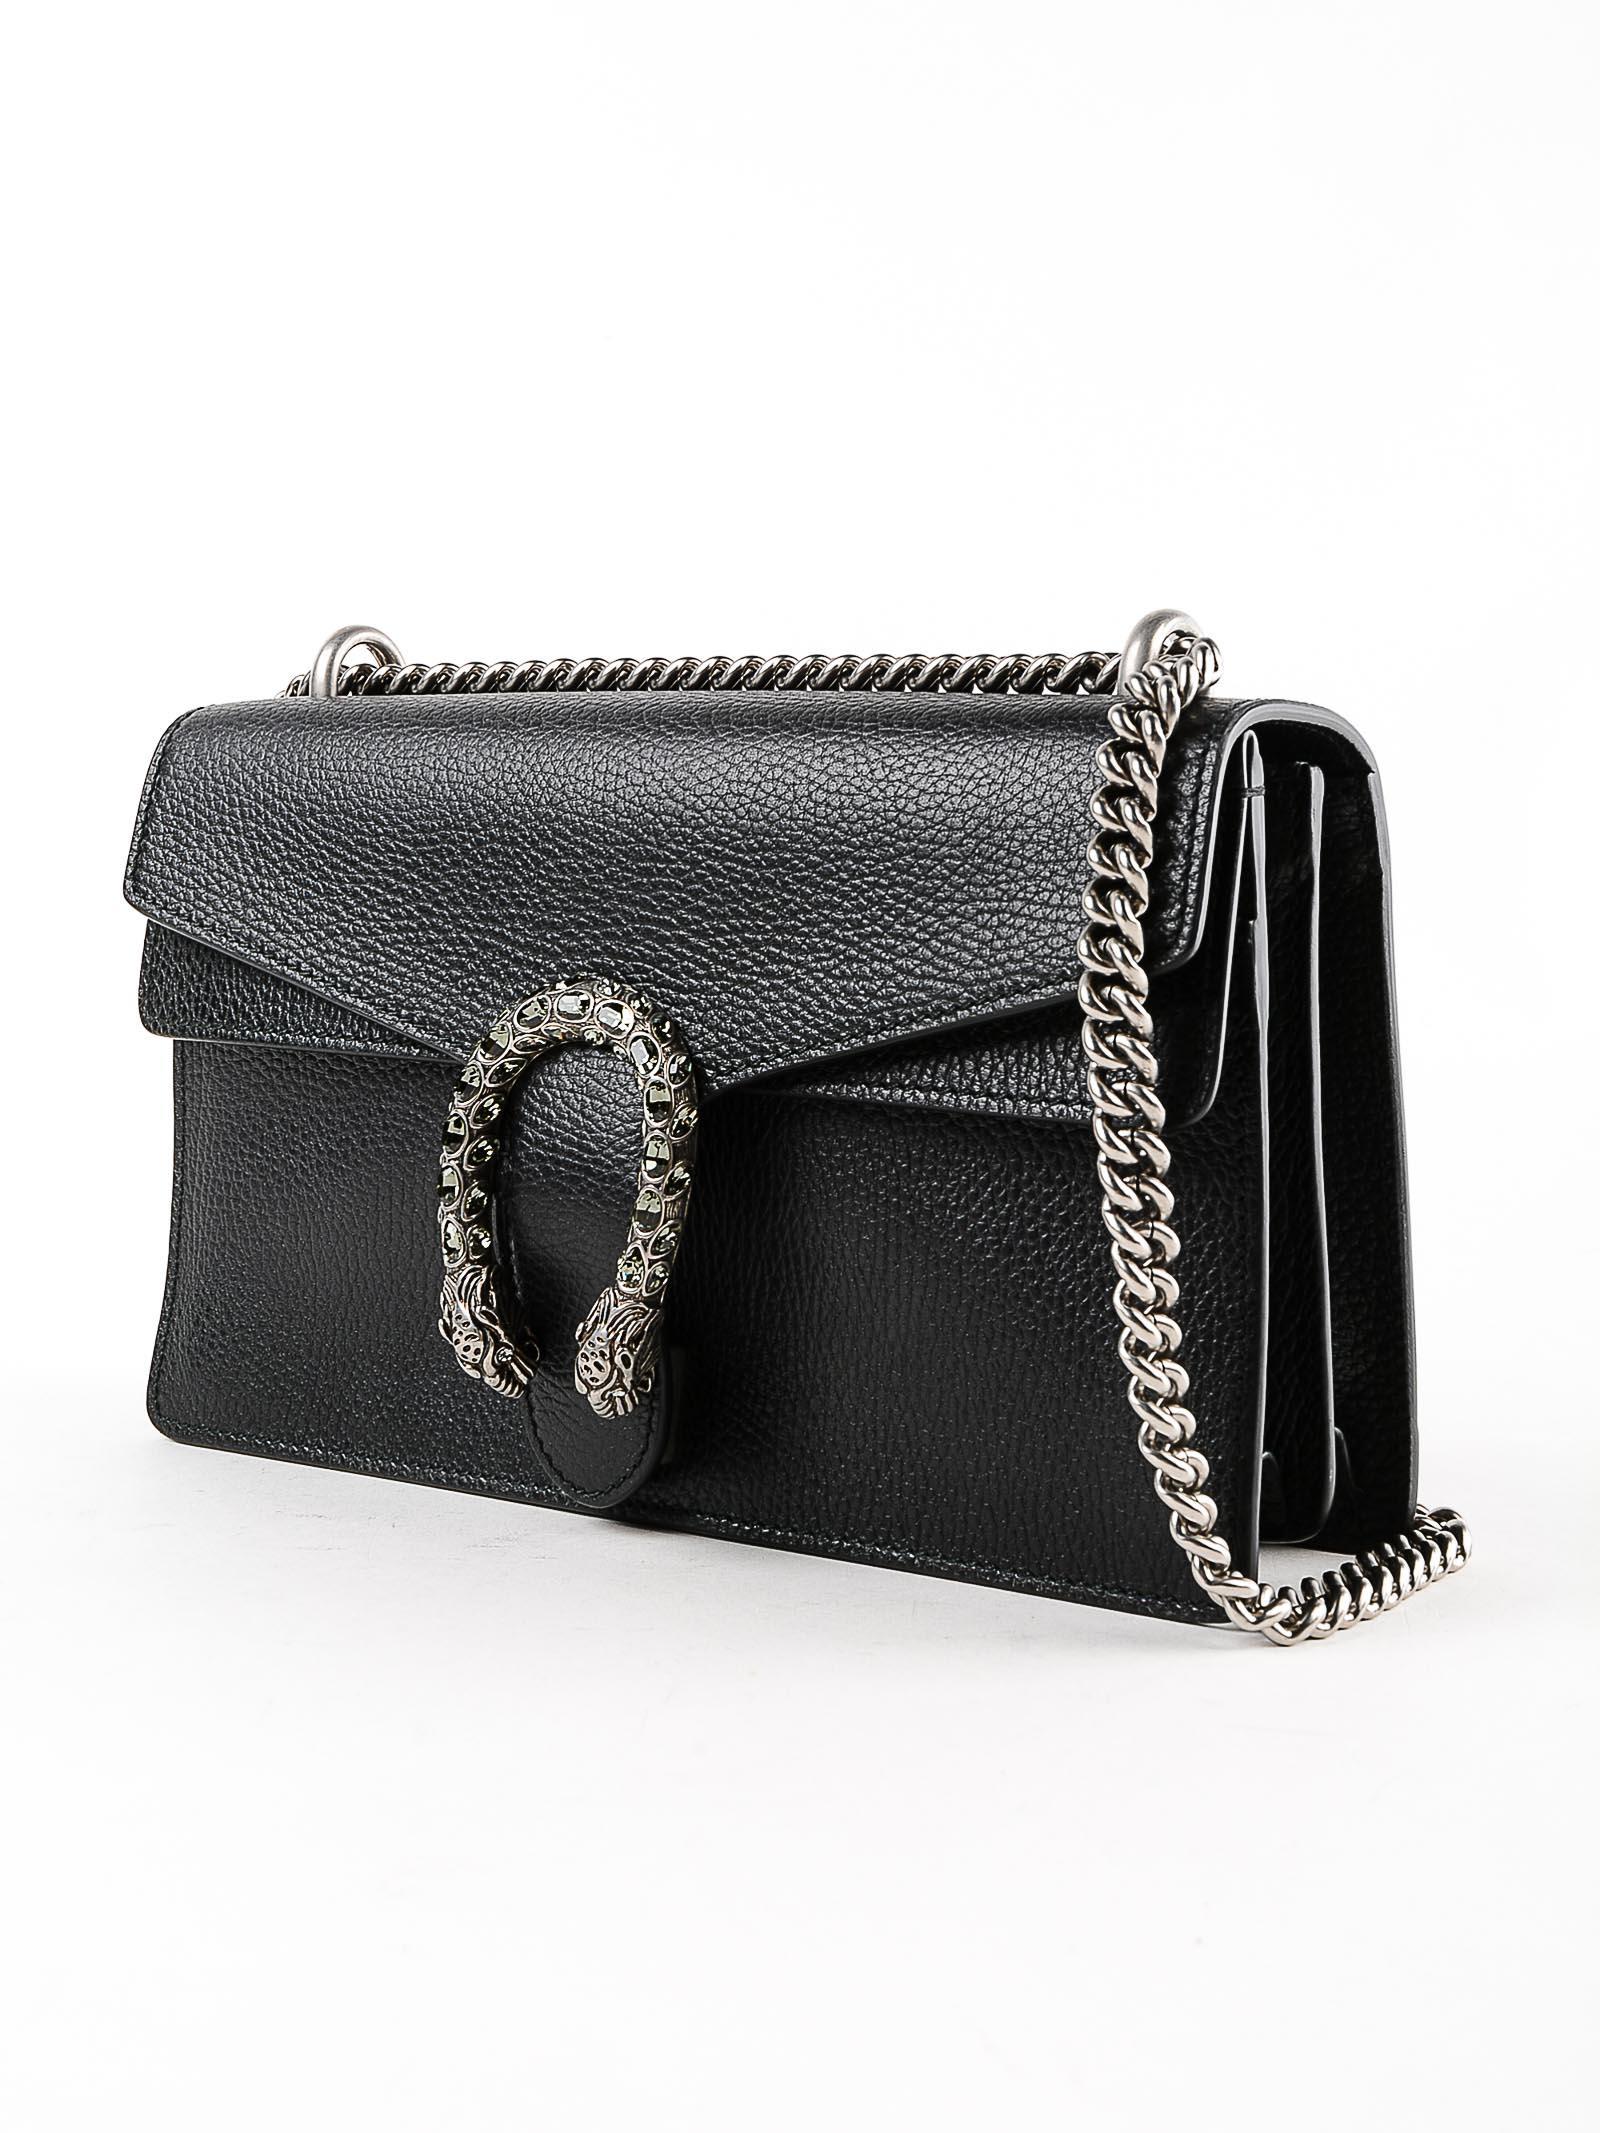 0e304df8fee Lyst - Gucci Dionysus Bag in Black